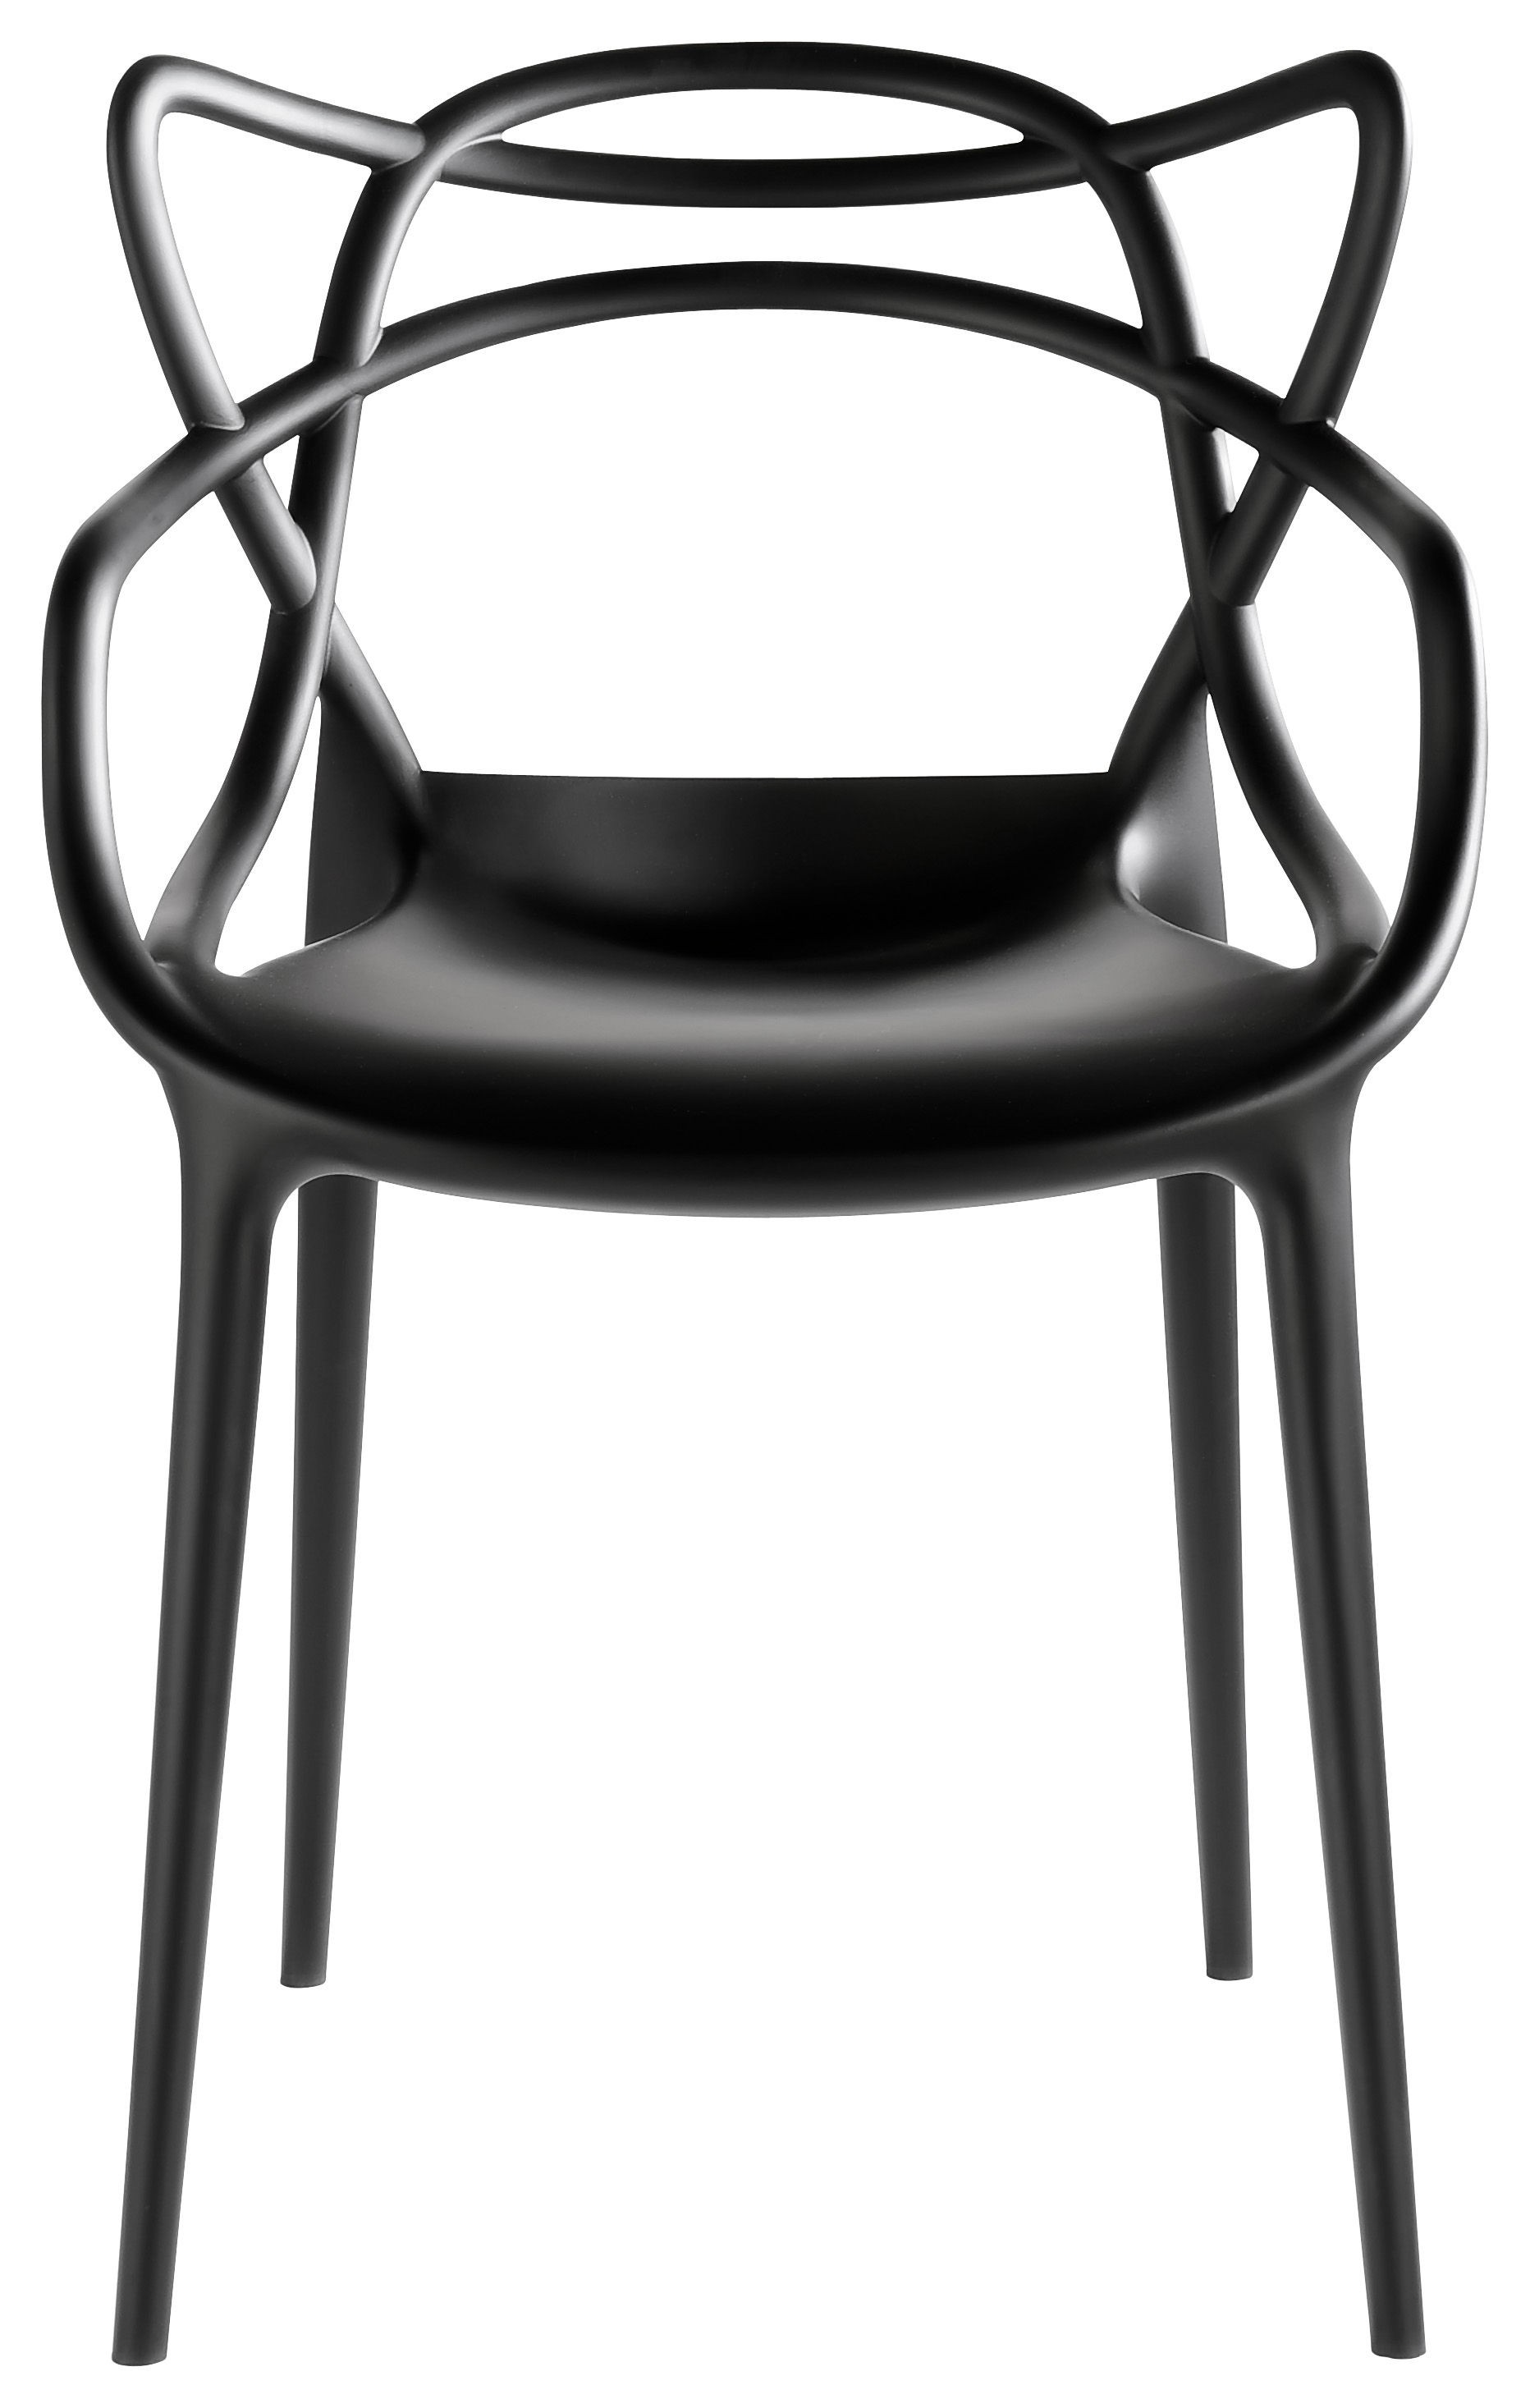 Kartell Masters silla Embalaje 2 uds acabado 5865  Lmparas de diseo